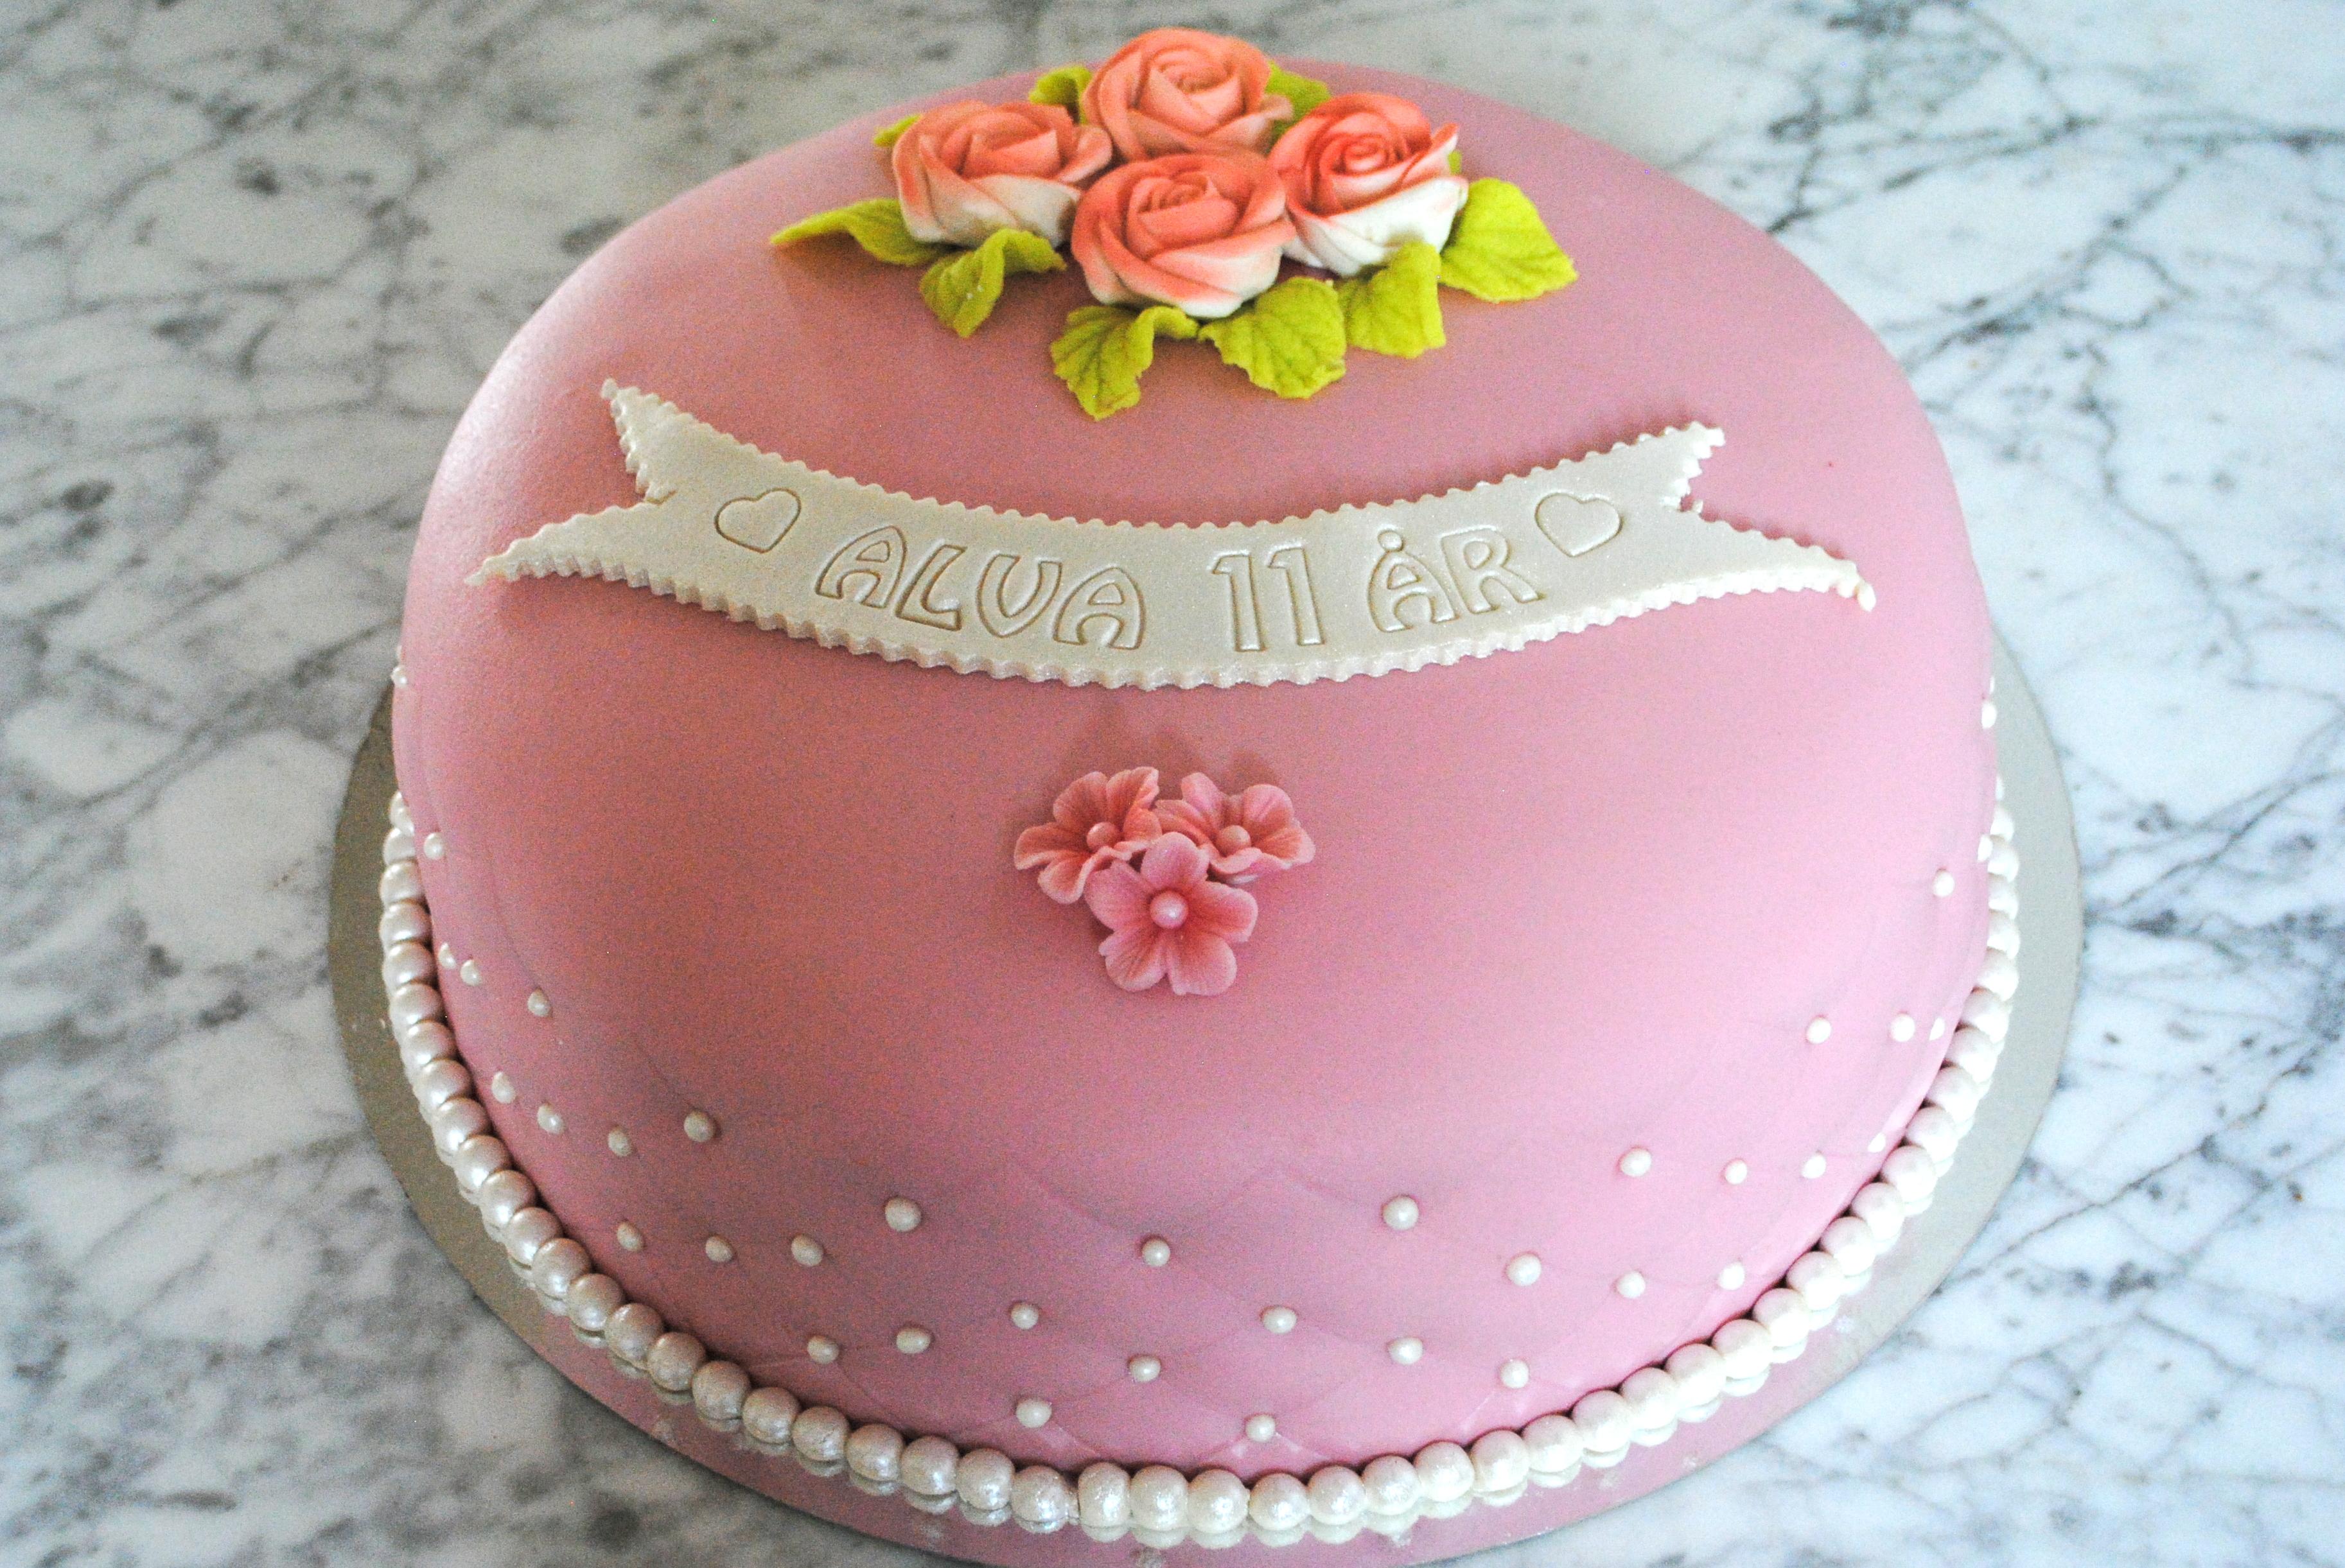 Rosa tårta med rutnät och pärlor